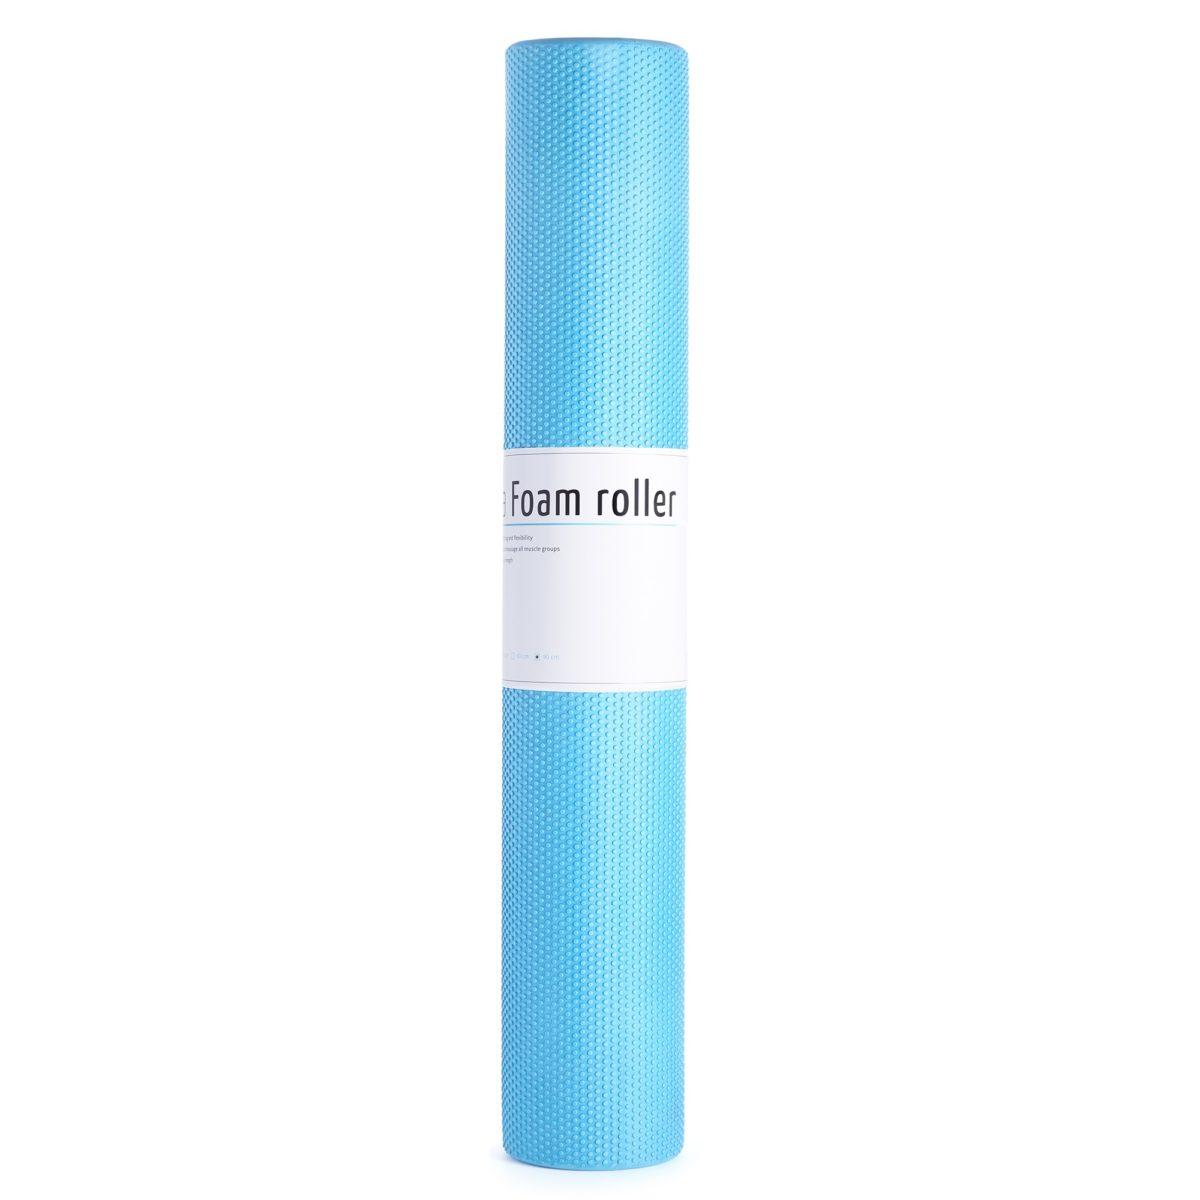 MASSAGE ROLLER EASY FITNESS 90CM EASY FITNESS : Kolor - Niebieski, Twardość - Średni